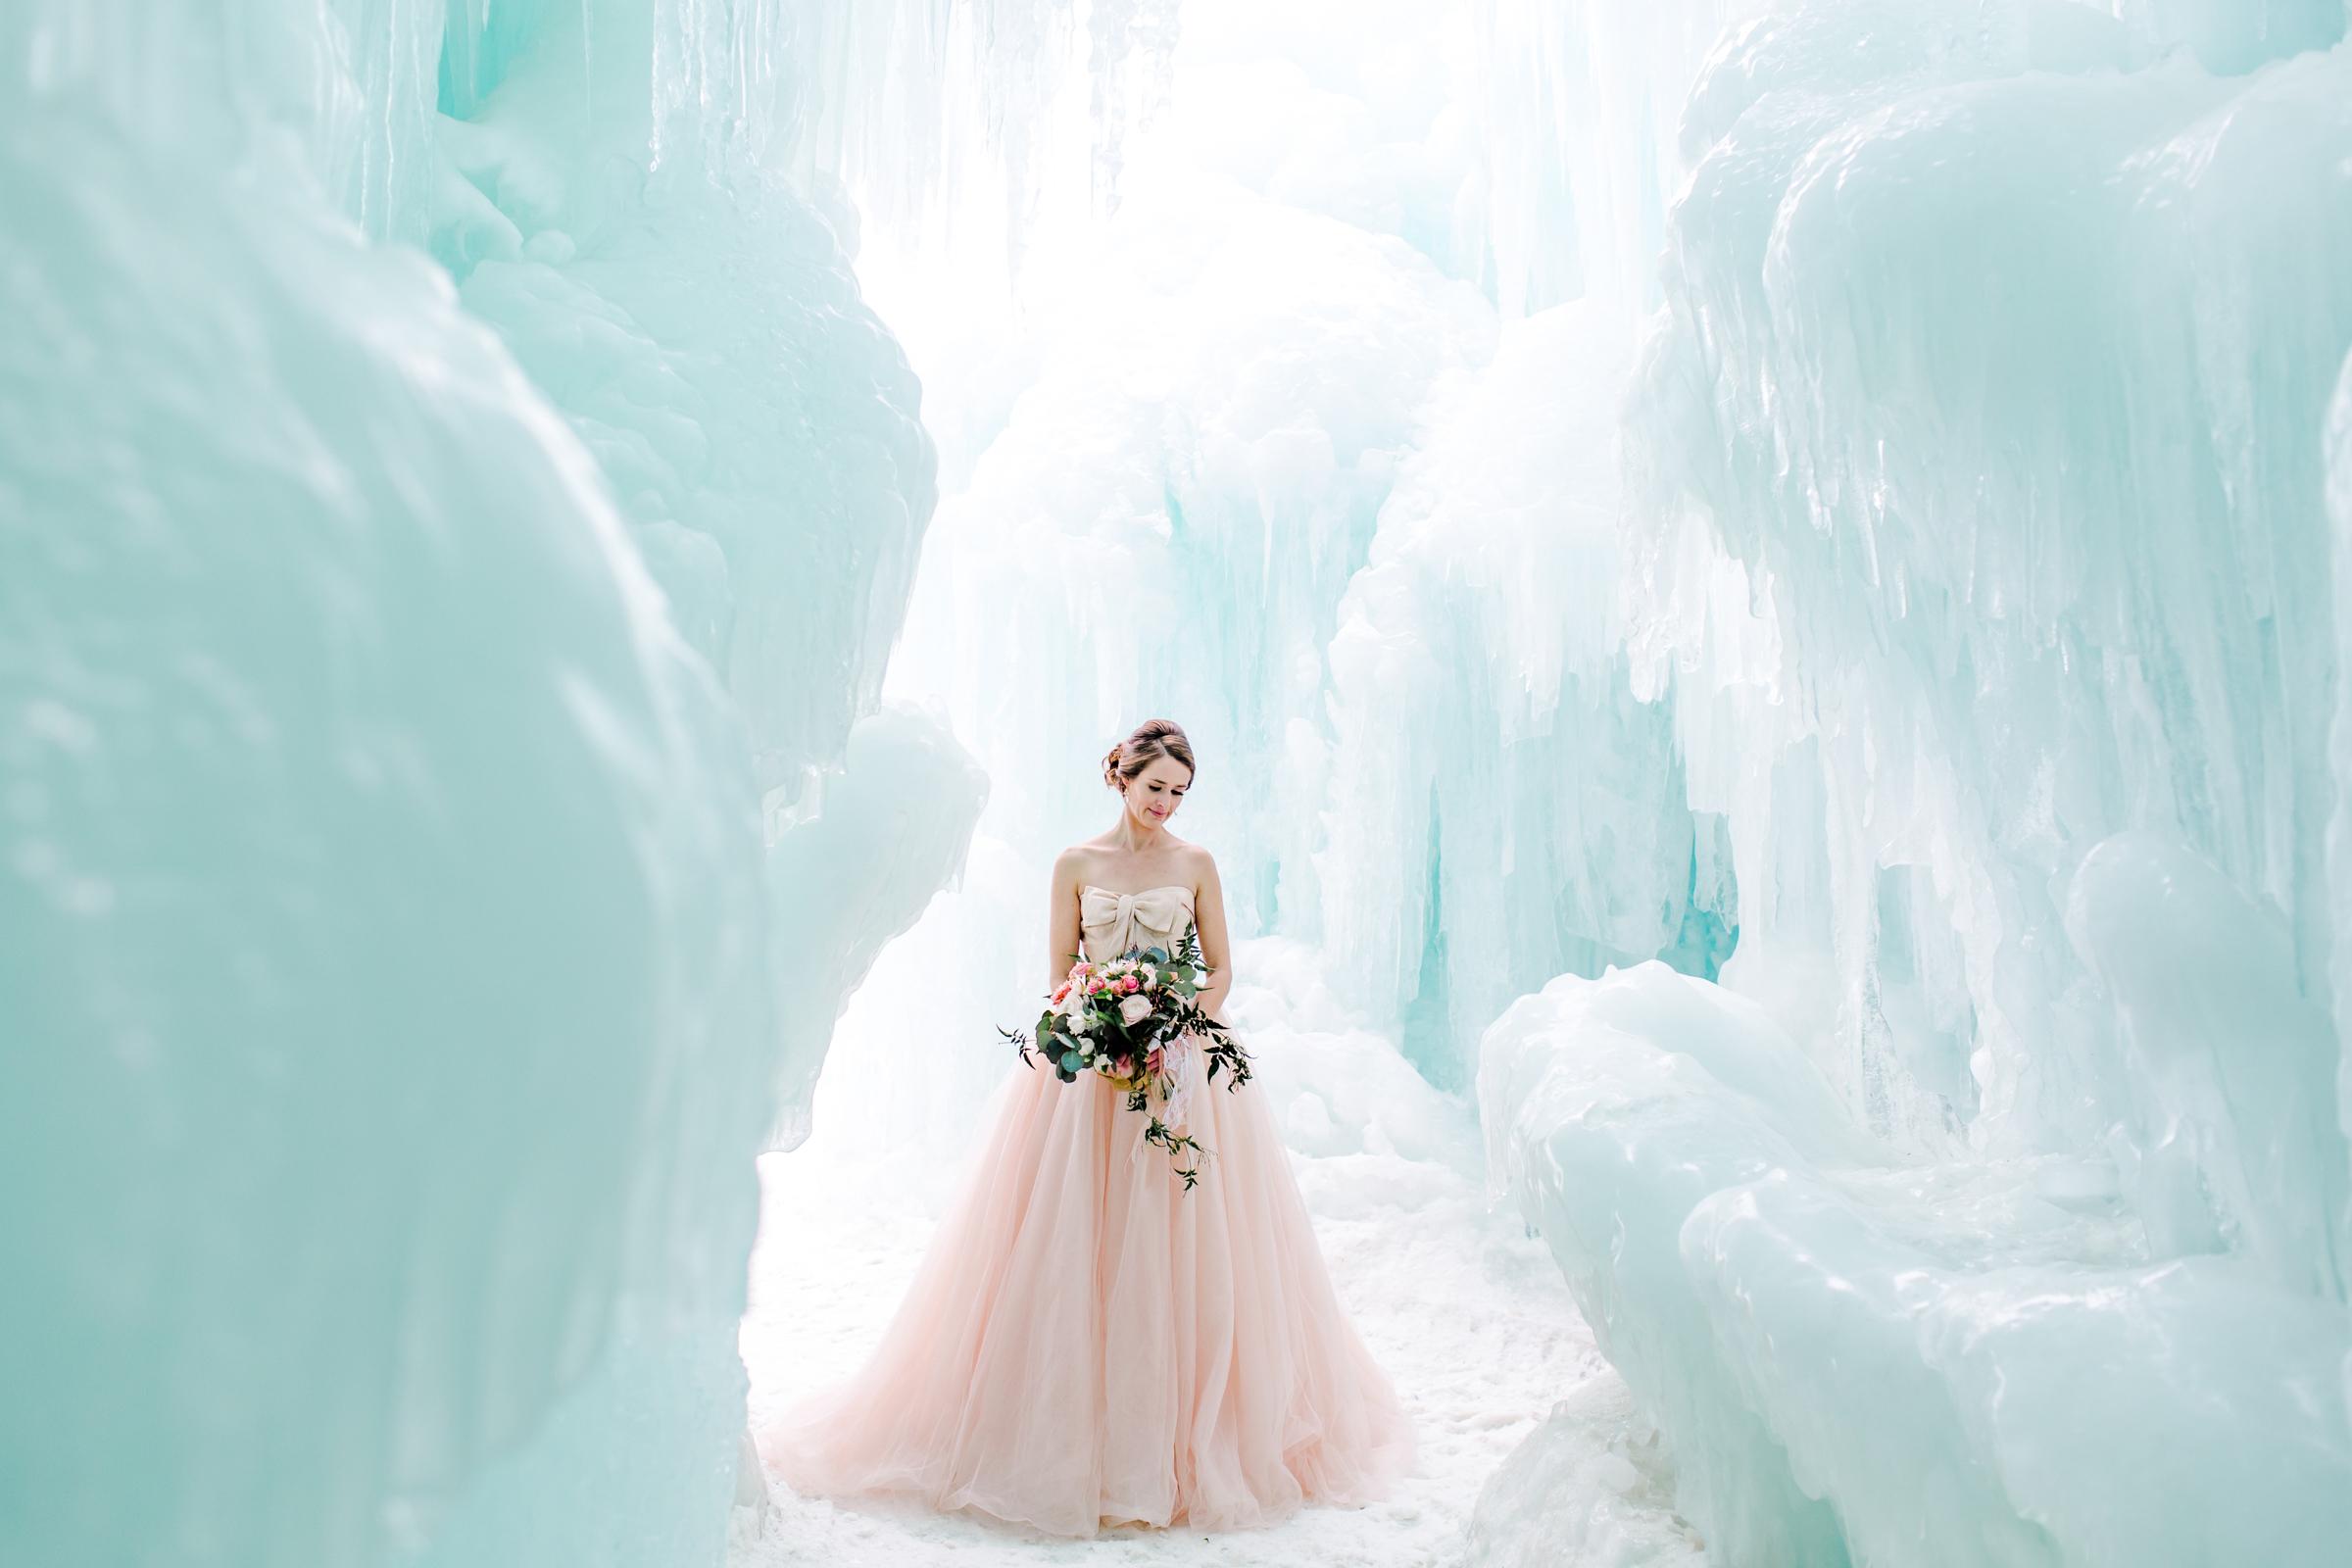 icy wedding photo